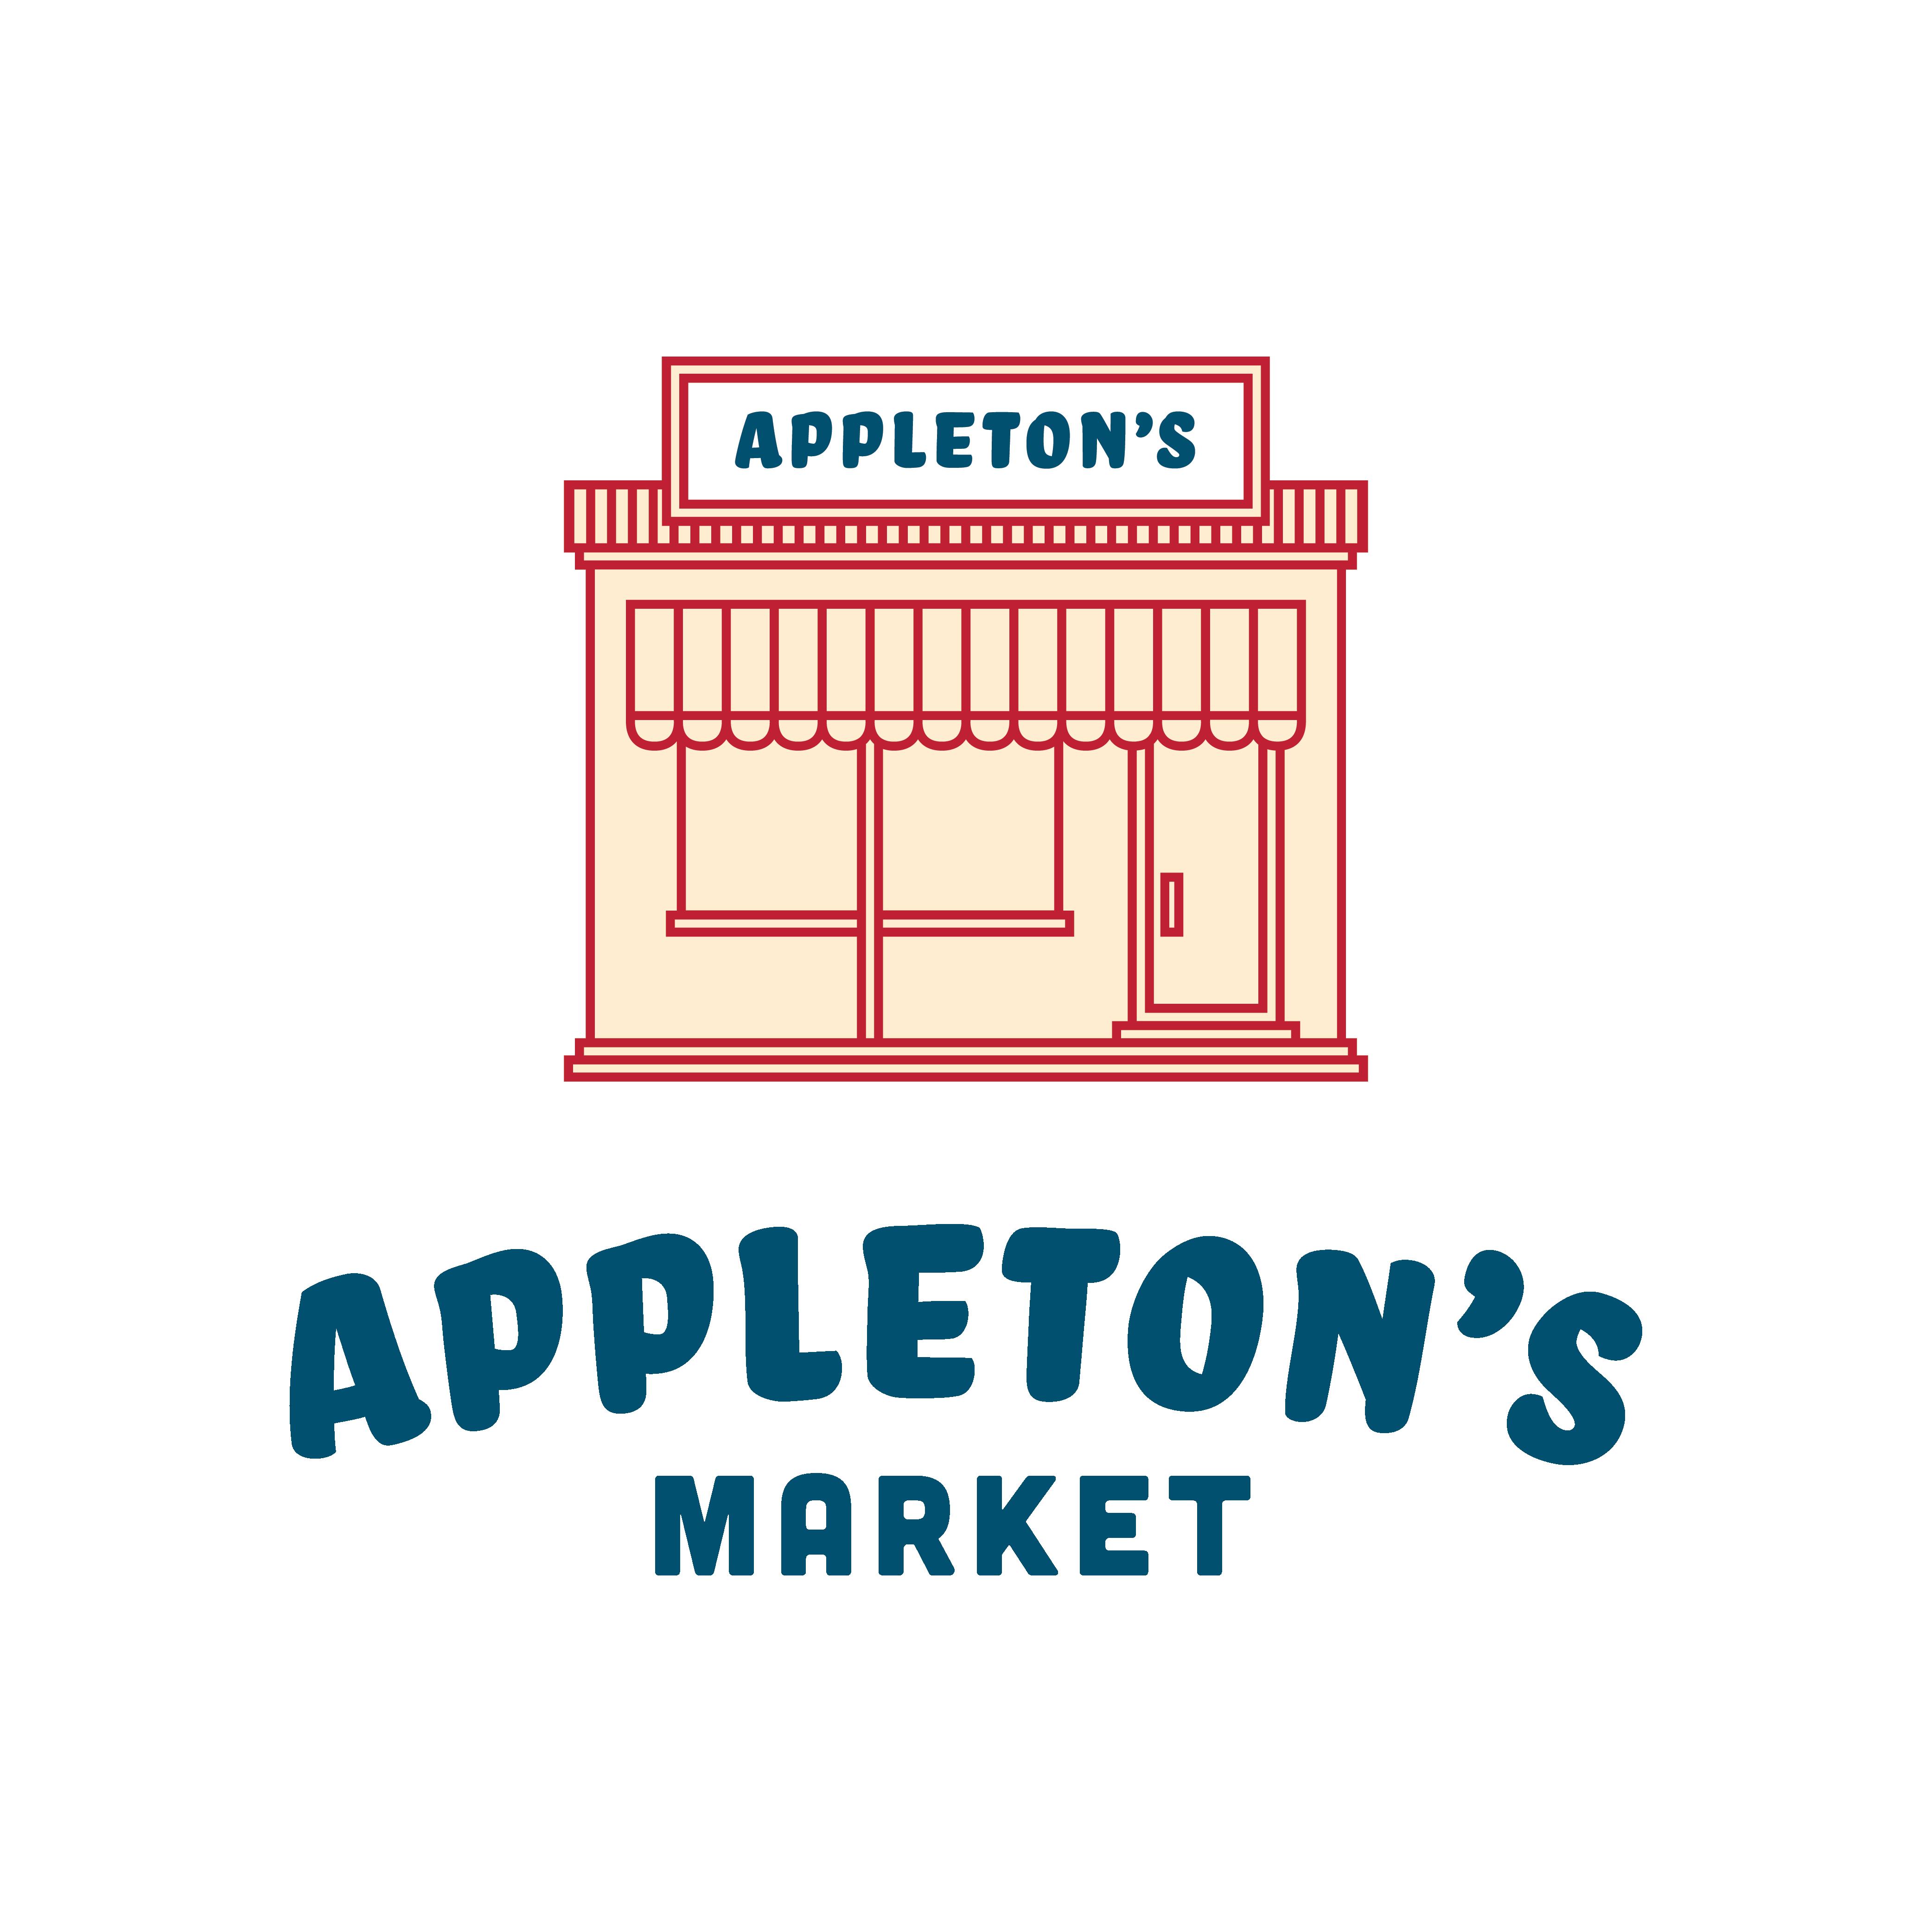 Appleton's Market